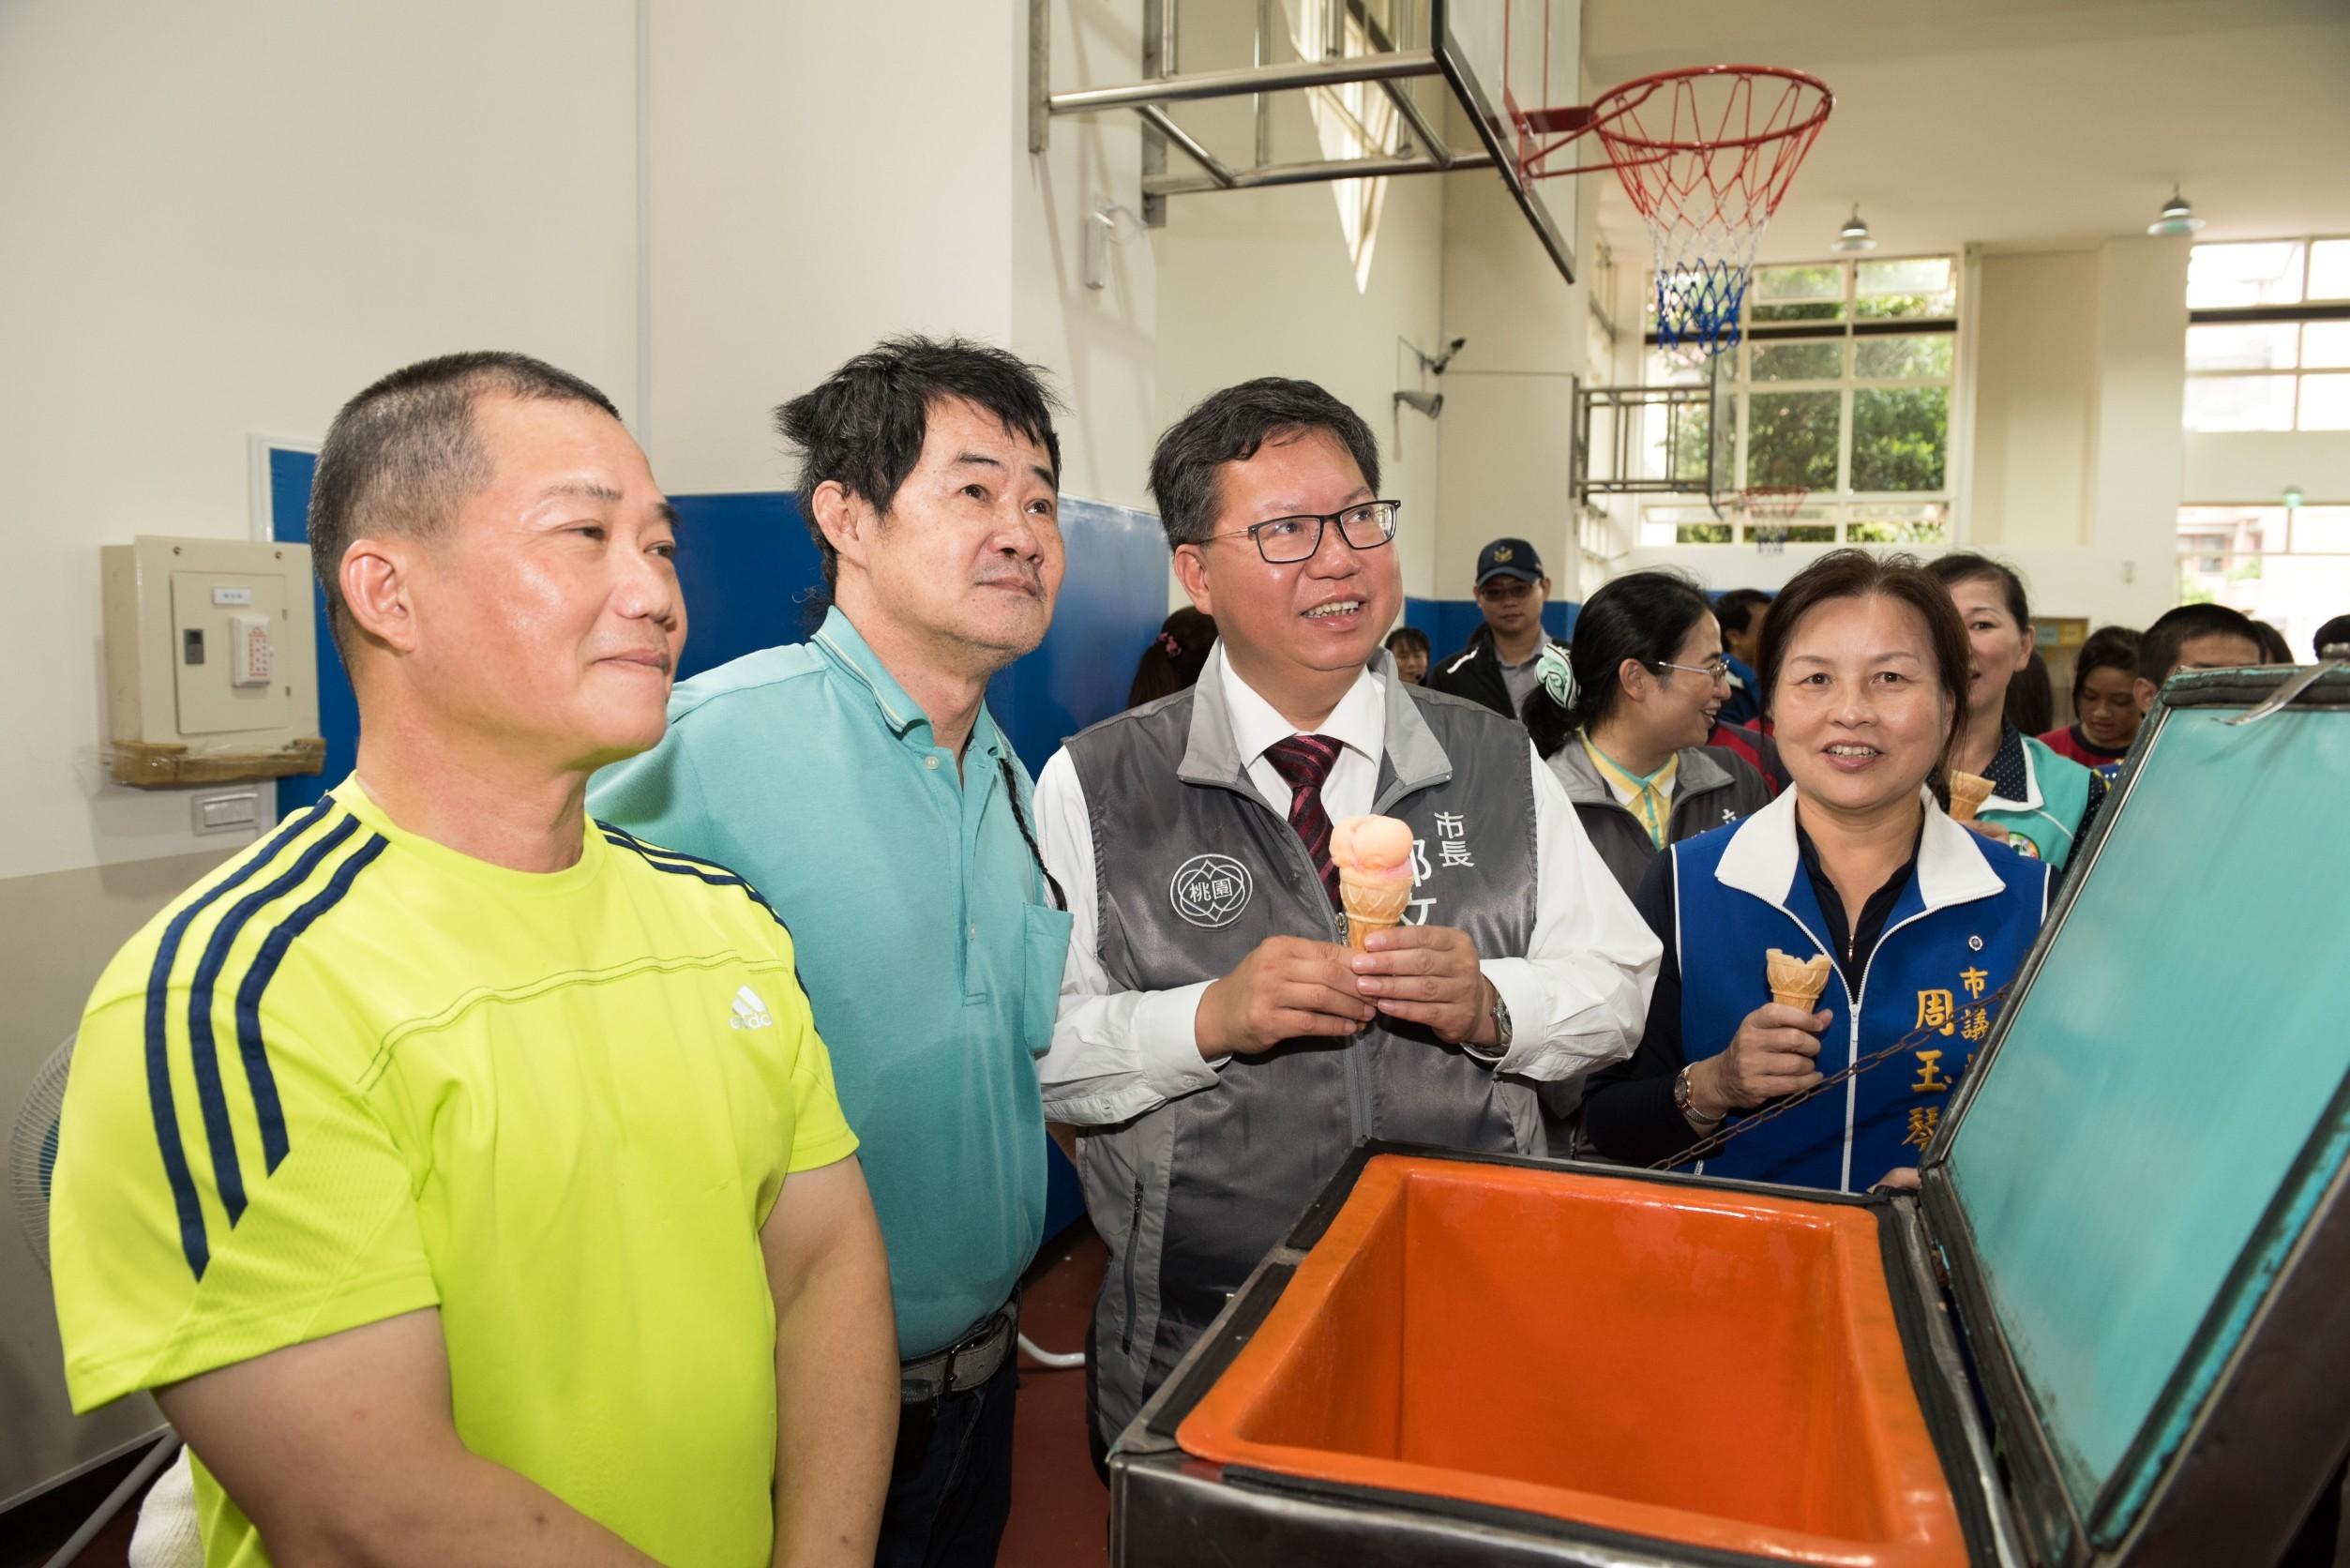 市長和與會來賓及市民朋友體驗眷村文化